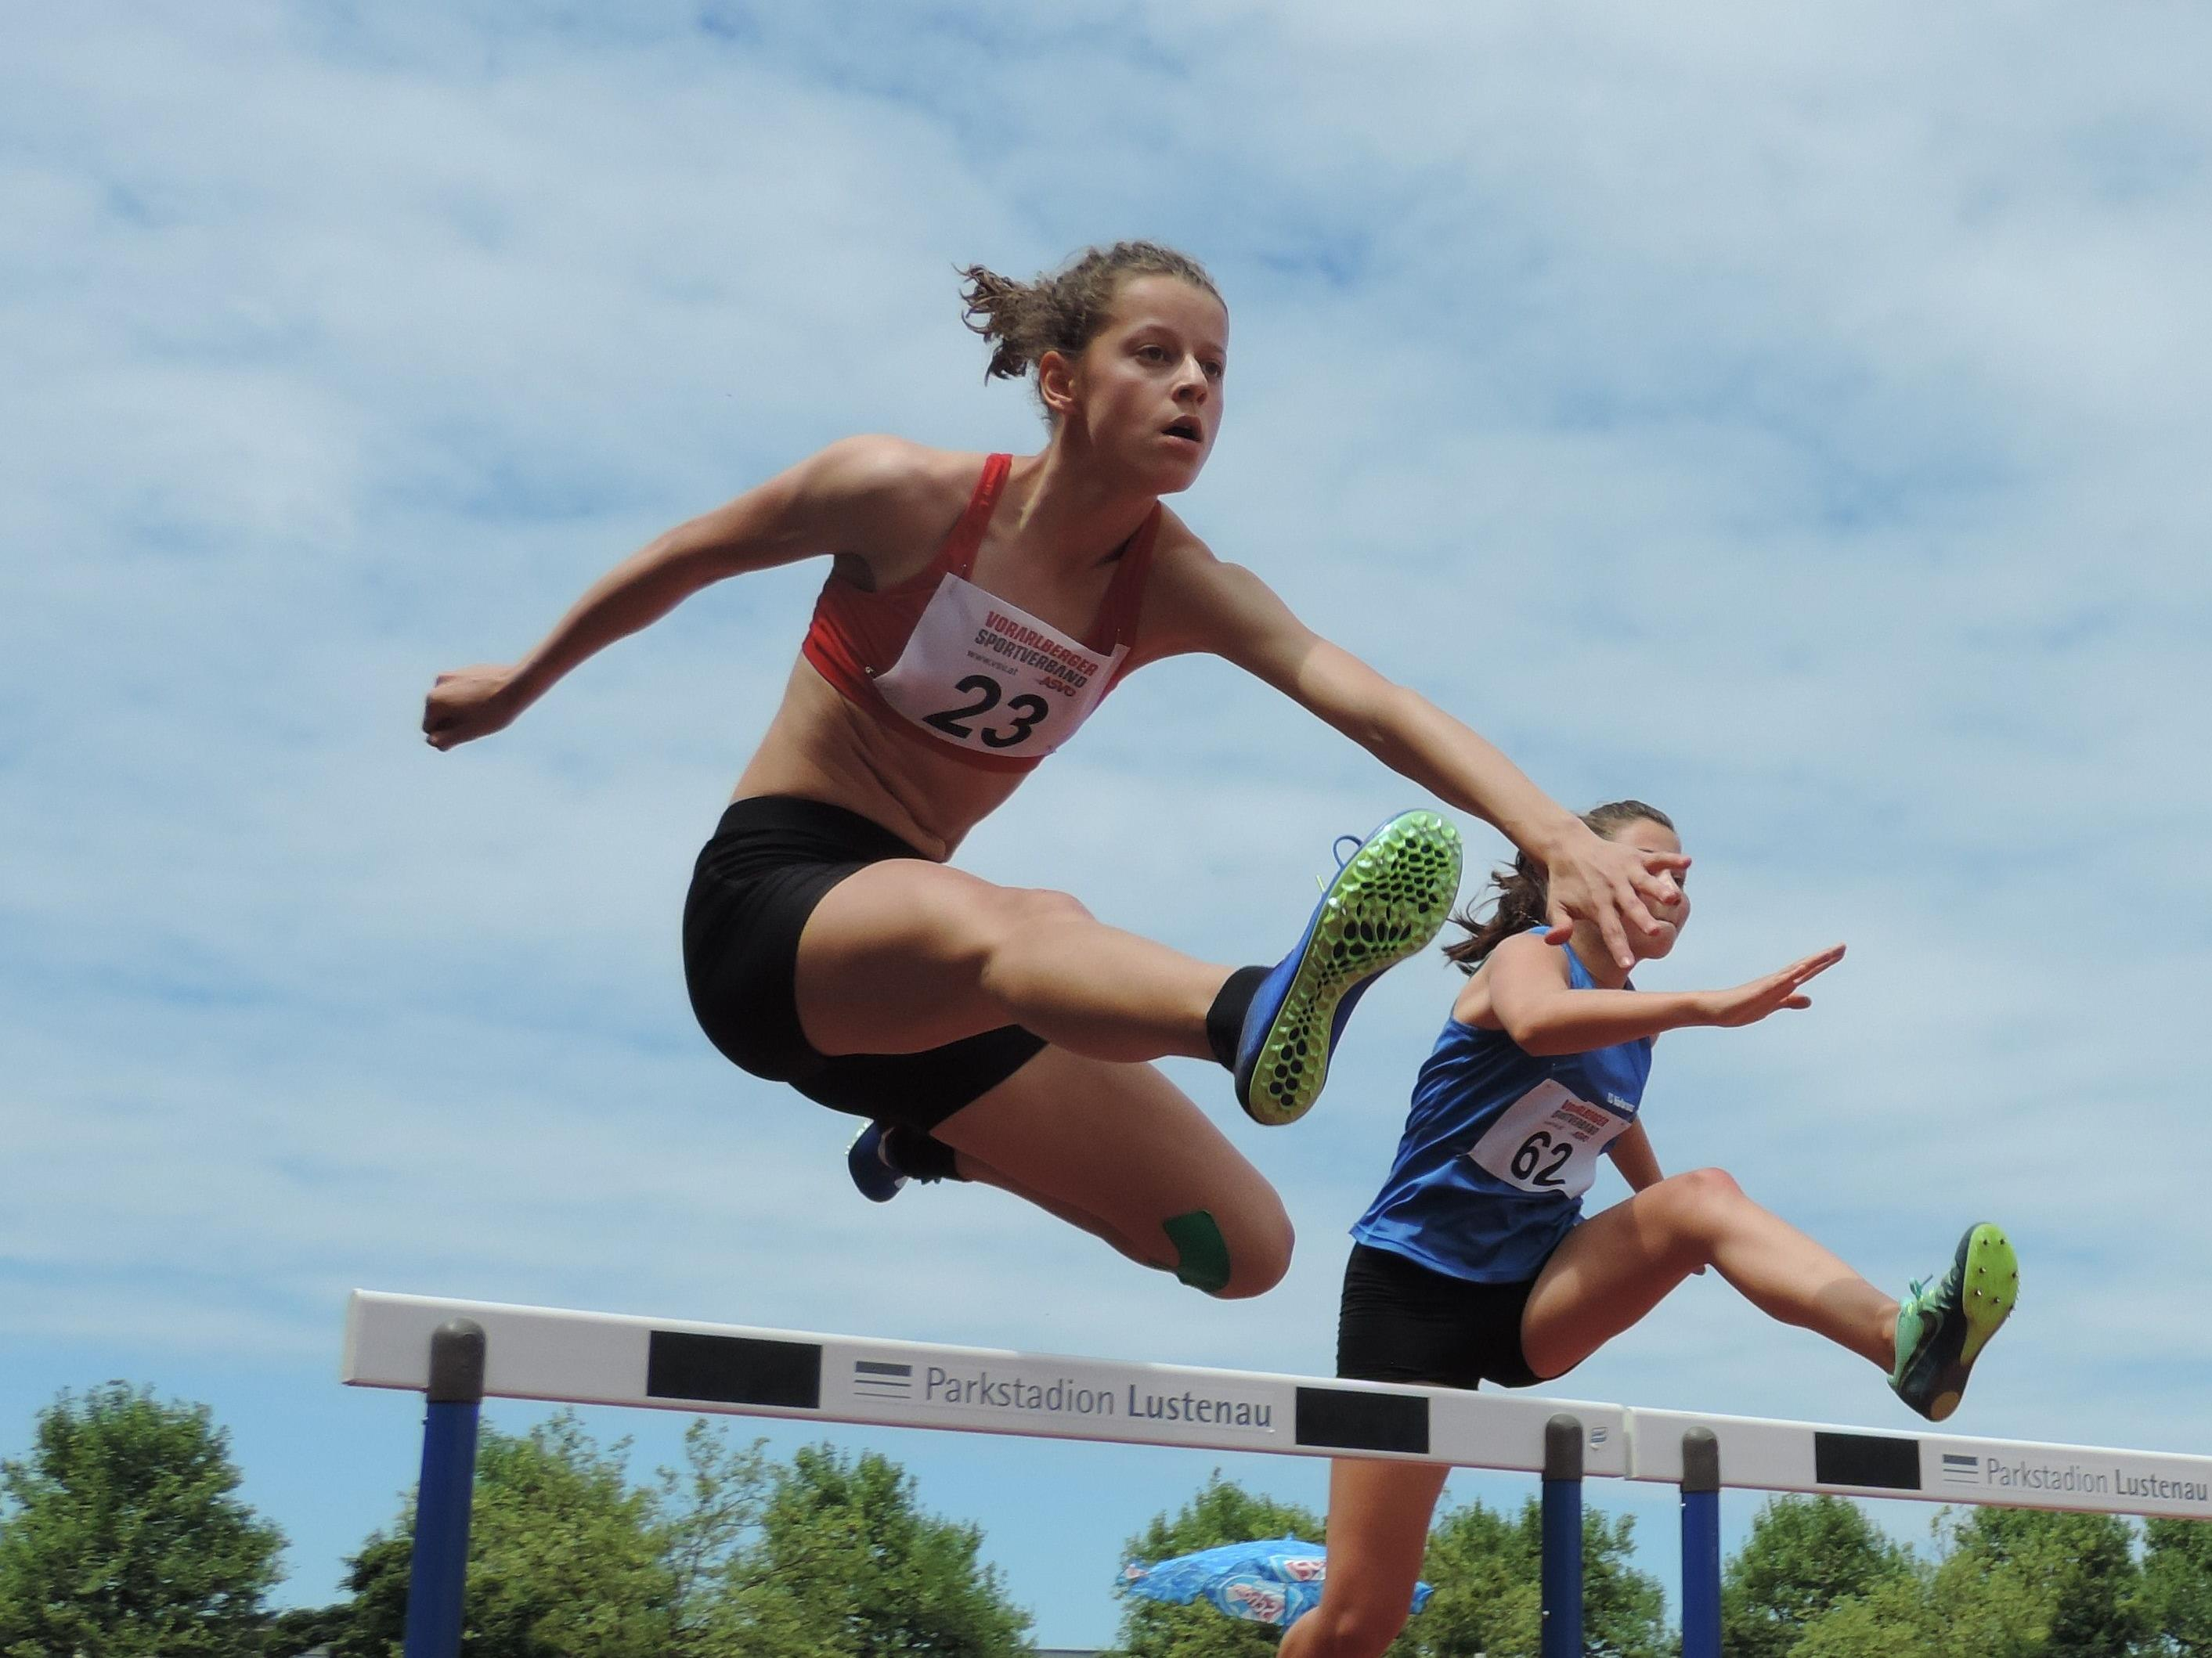 Anna Mager (links) war bei den österreichischen U-16-Titelkämpfen über 300 m und 300 m Hürden die Schnellste.